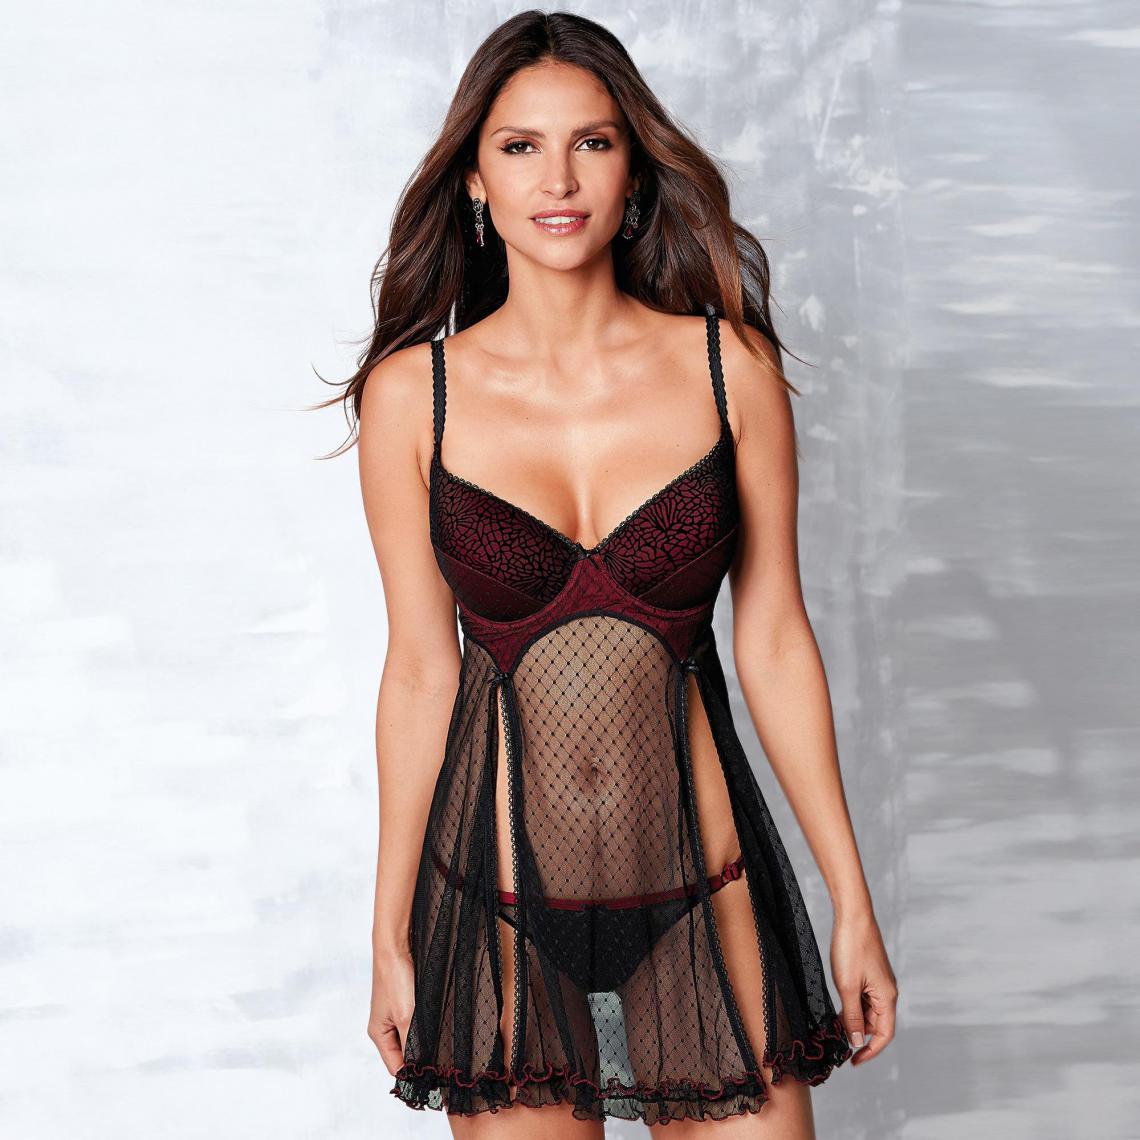 a593360fa7d Combinette armatures mousseline fendue femme - Rouge - Noir 3 SUISSES  Lingerie femme